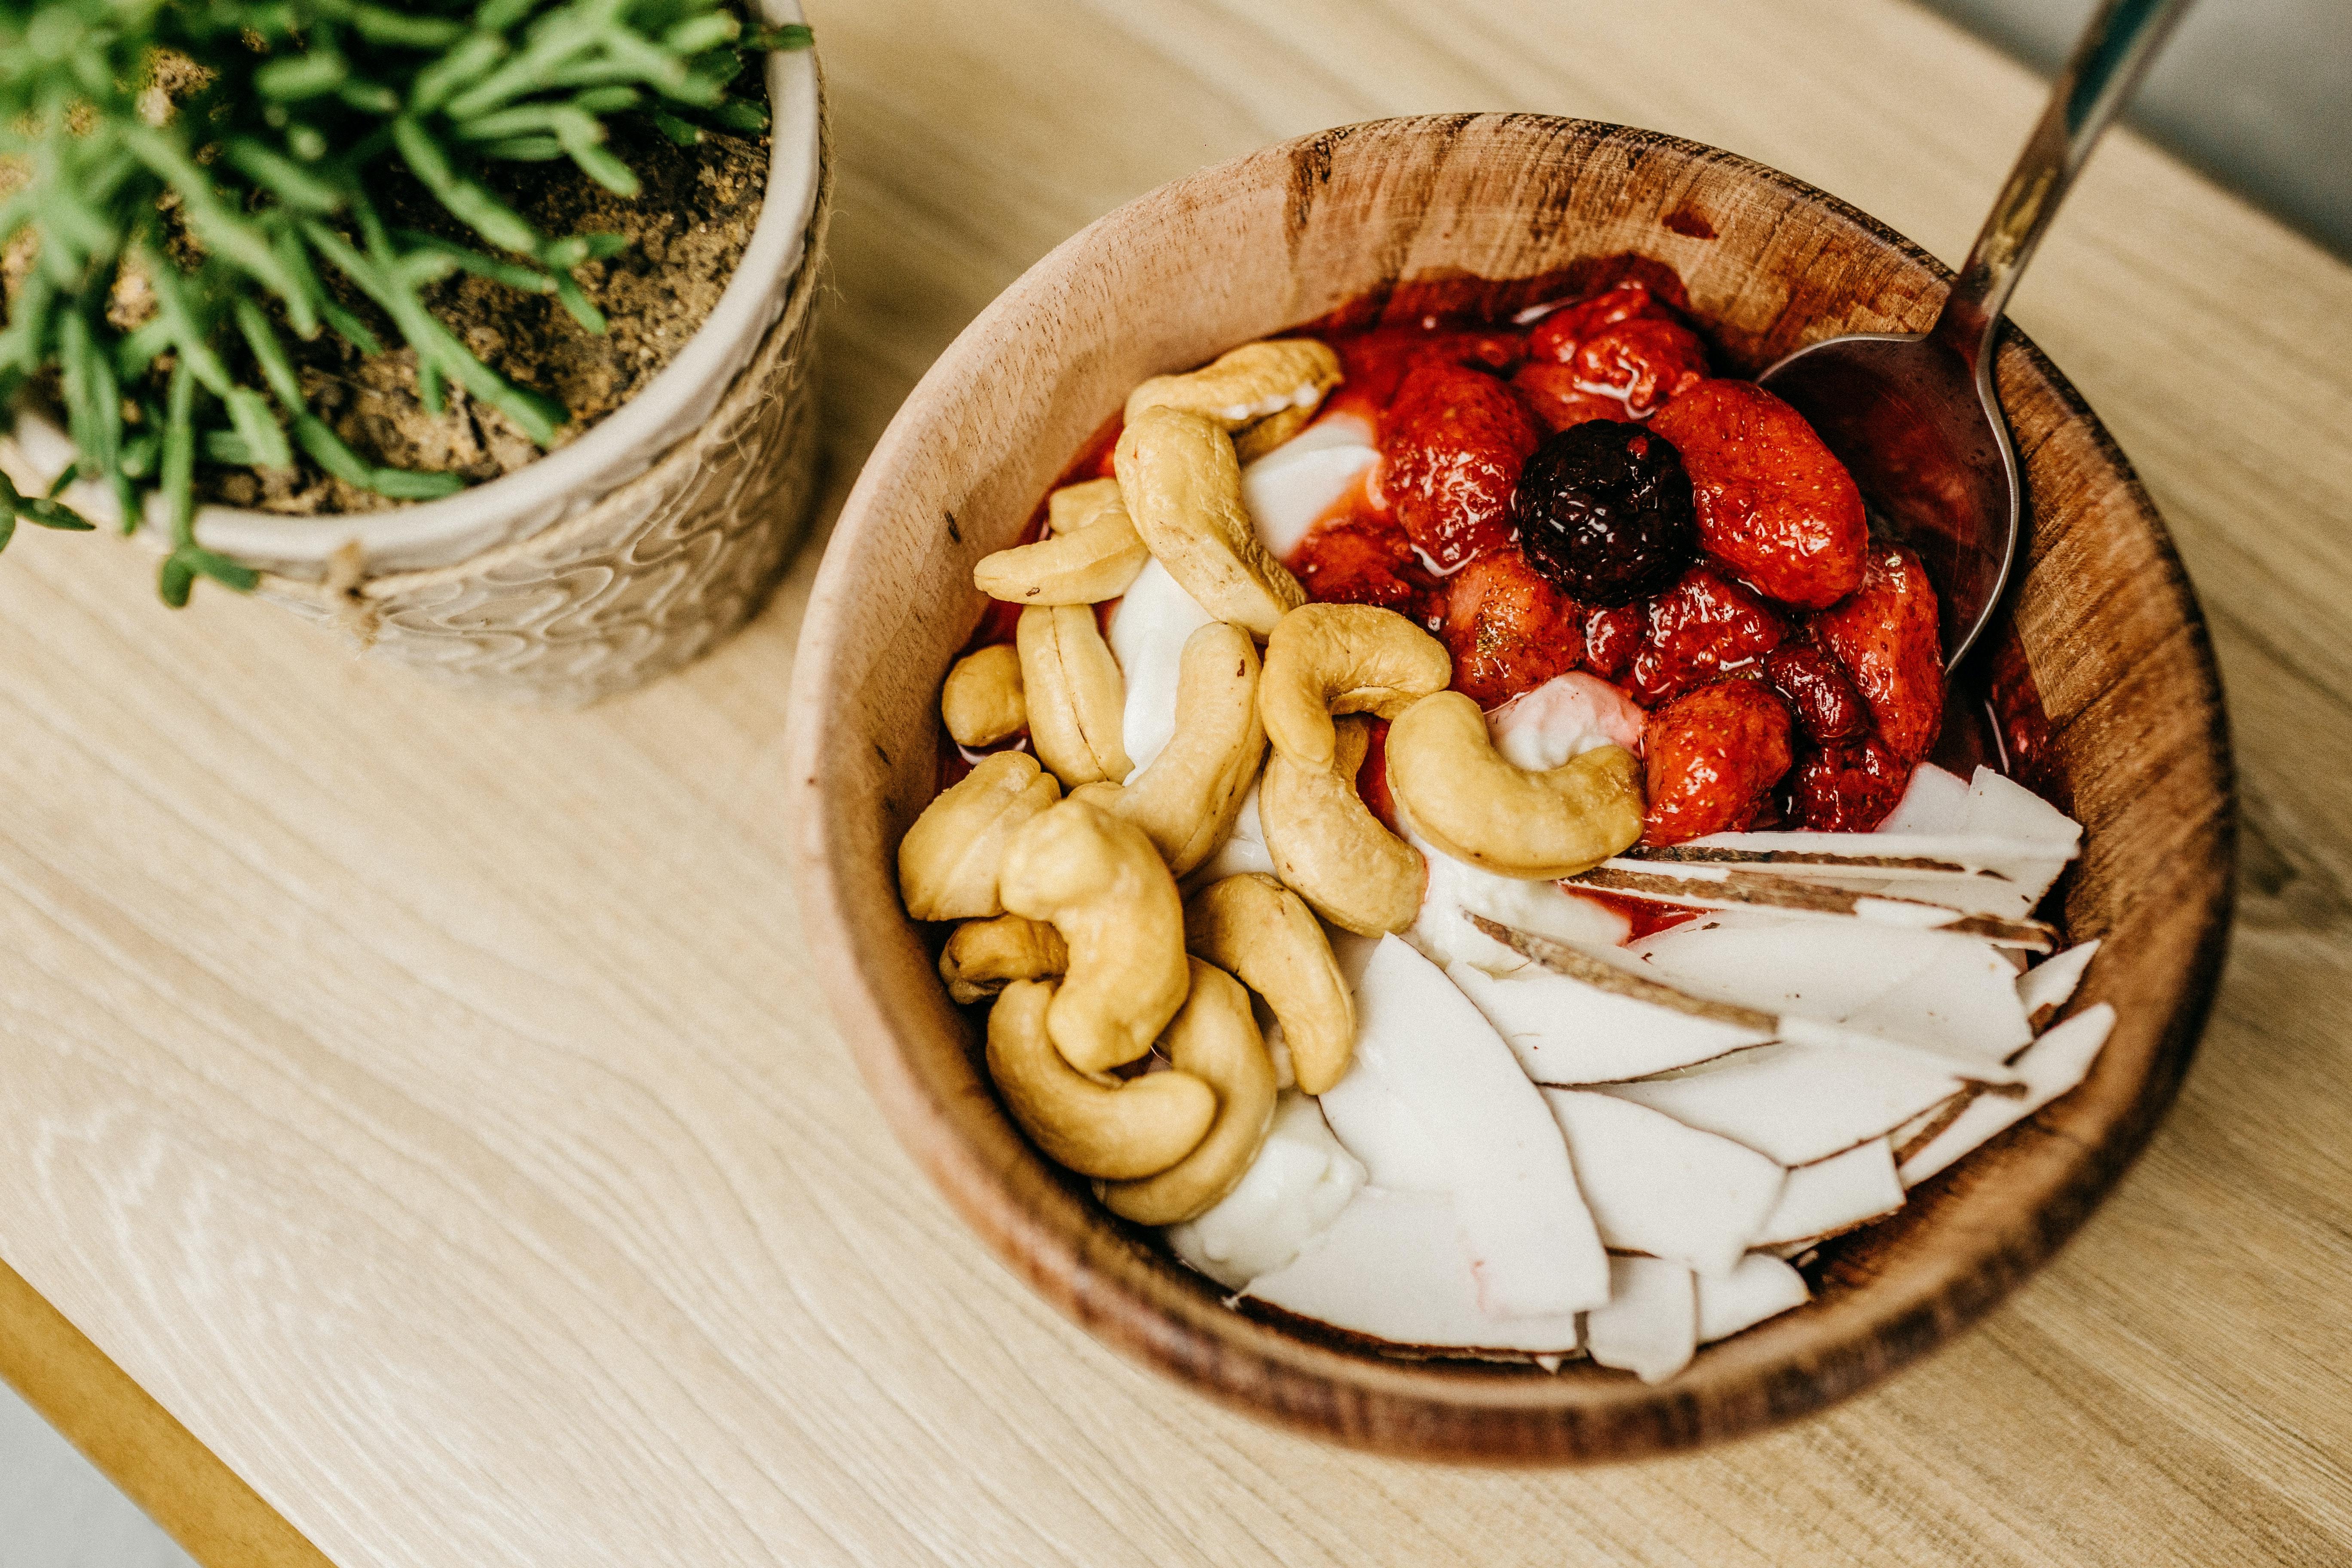 કાજુ એટલે કેલ્શિયમ અને વિટામિન Bનો ખજાનો, રોજ 3થી 4 કાજુ ખાવા જોઈએ, વજન ઉતારતા હો તો કાજુથી દૂર રહો|હેલ્થ,Health - Divya Bhaskar